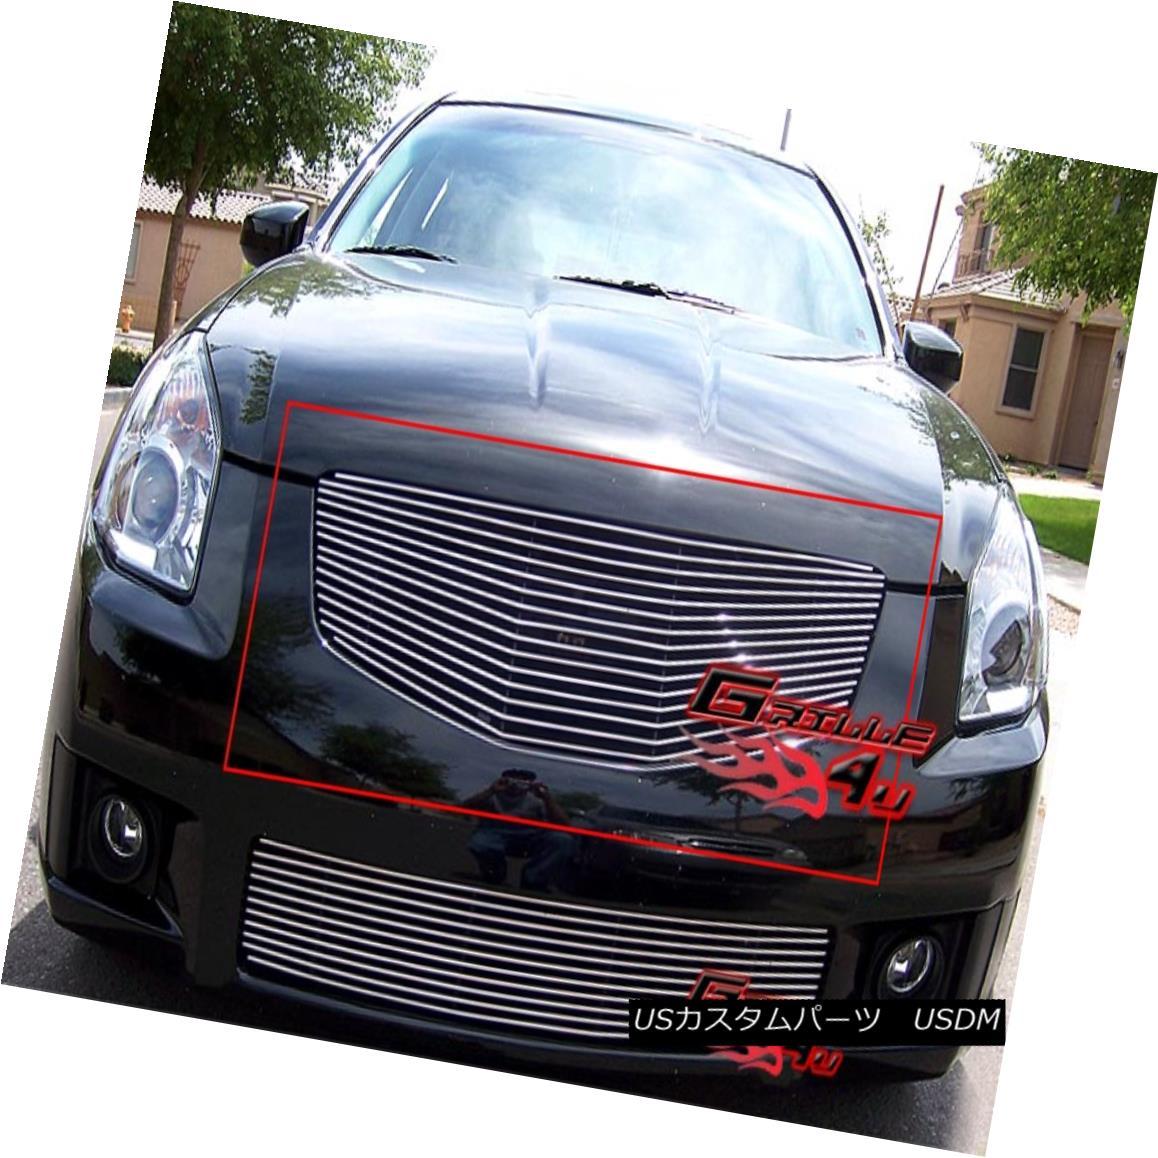 グリル Fits 2007-2008 Nissan Maxima Billet Grille Insert 2007?2008年の日産マキシマビレットグリルインサート